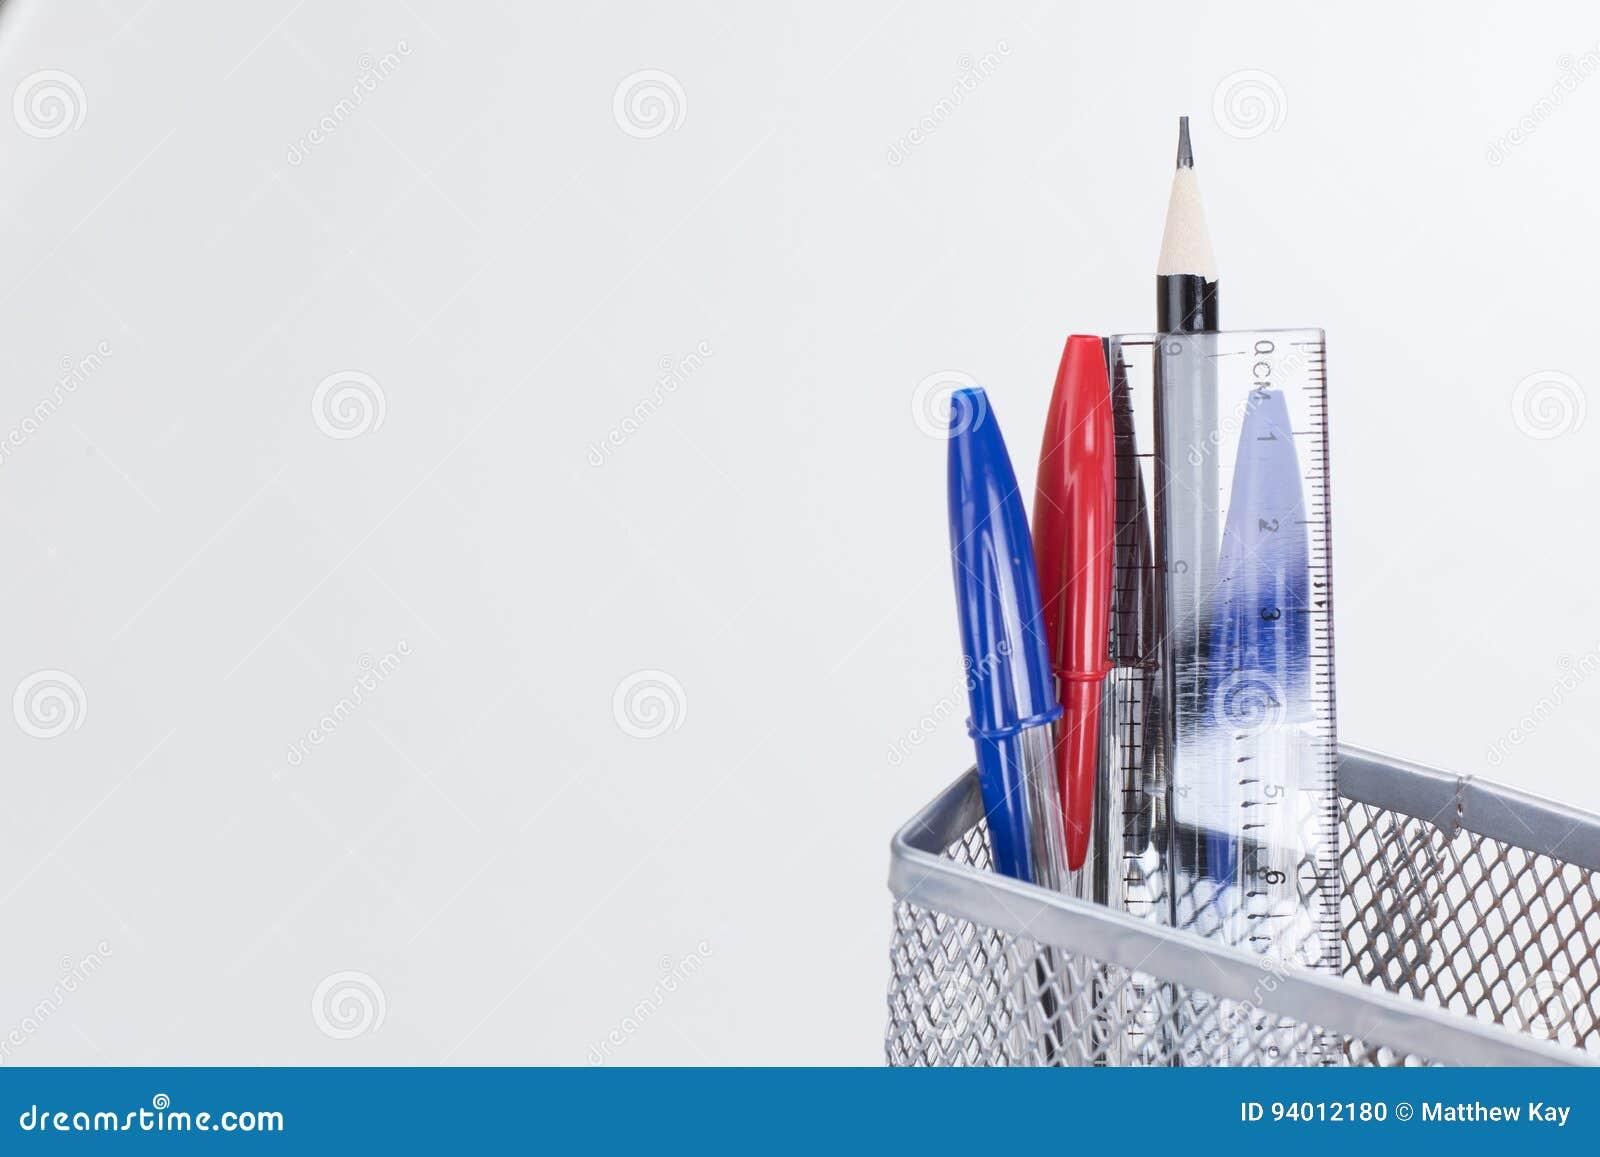 Stifte Und Bleistifte In Einem Maschendrahtschreibtisch Ordnen ...